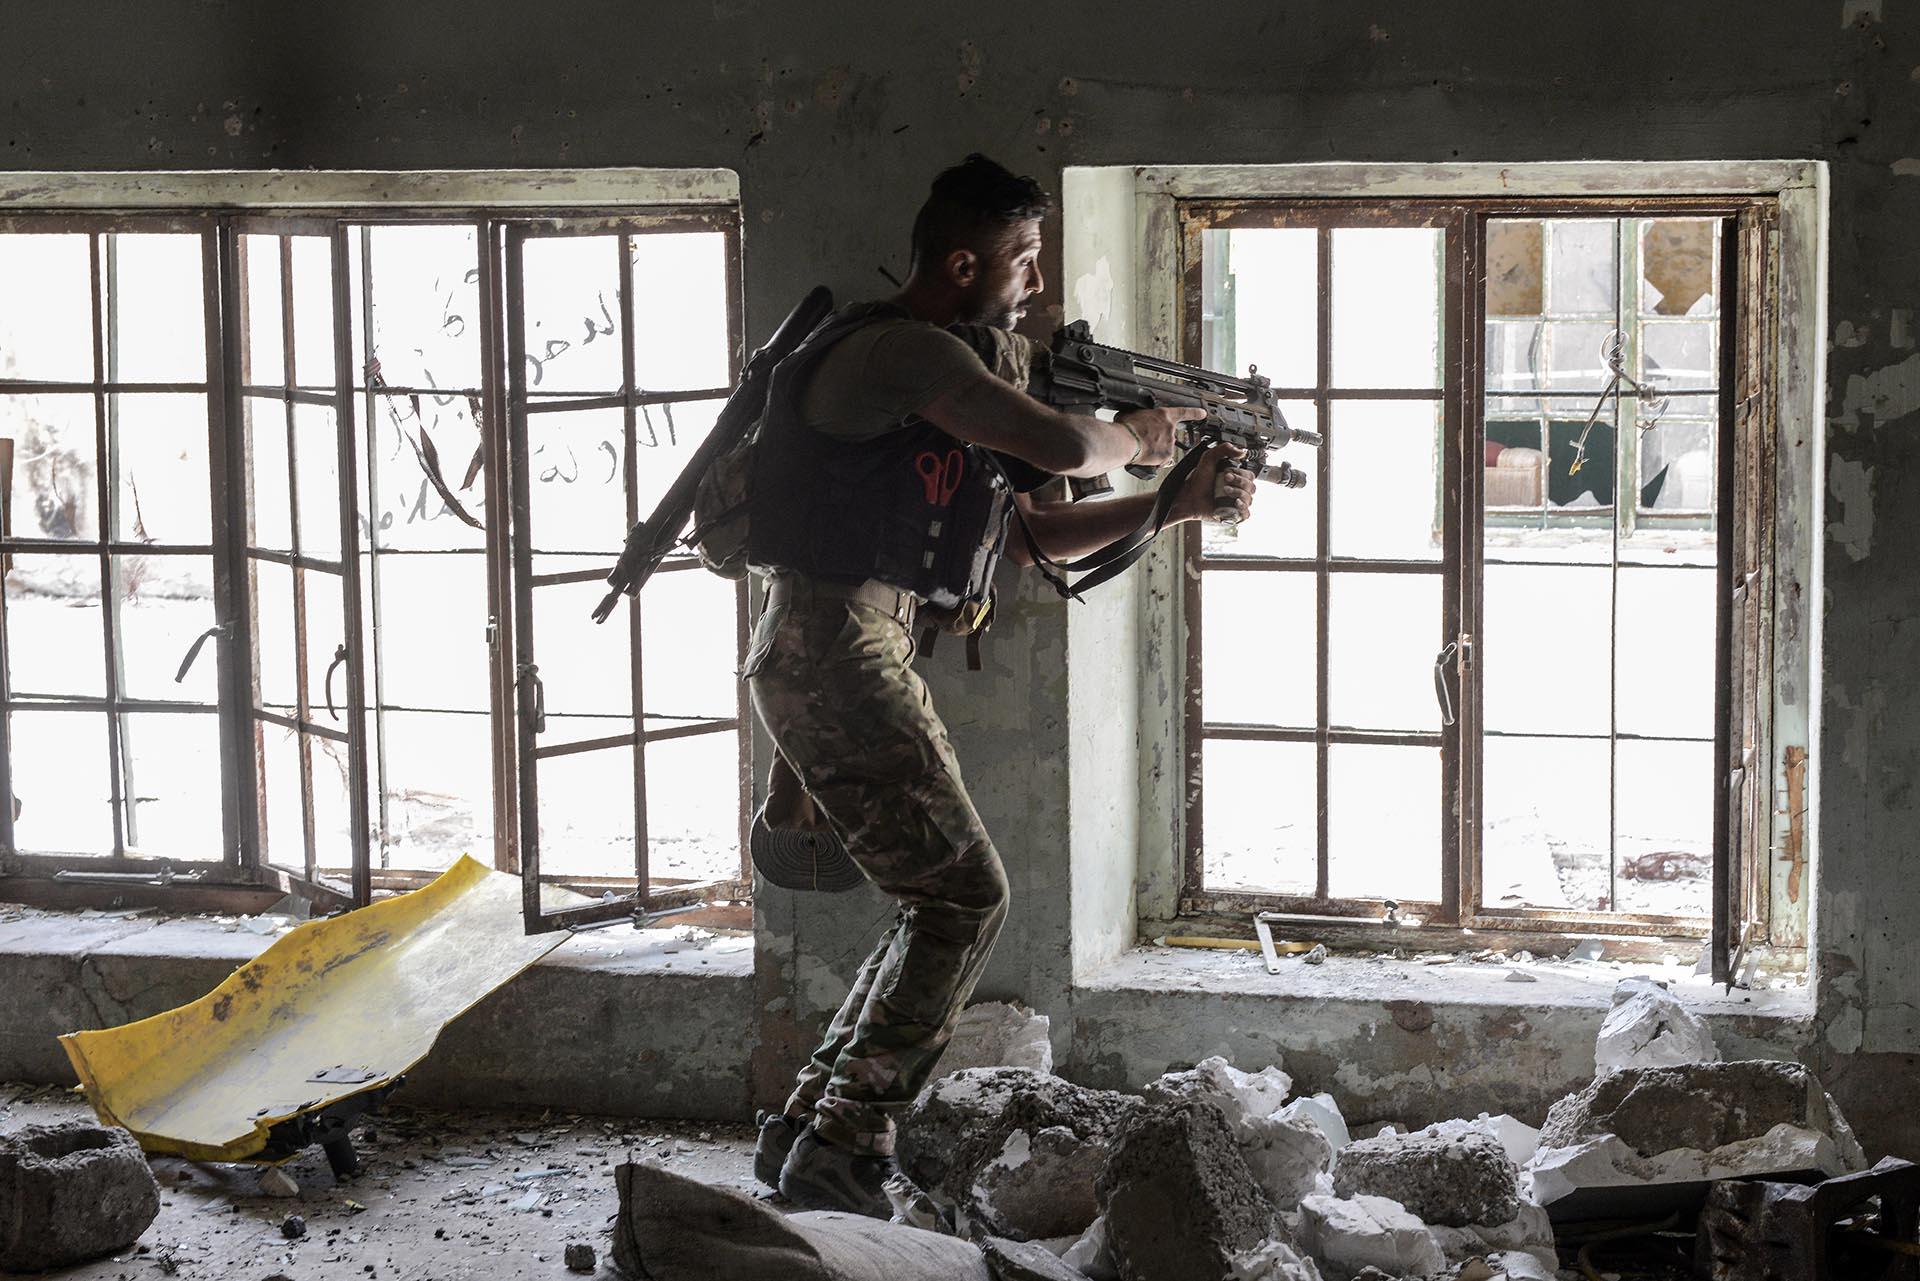 Un soldado de las tropas de élite iraquíes apunta desde un edificio contra los terroristas del Estado Islámico en el distrito de Al Shifa en la parte occidental de Mosul (AFP)